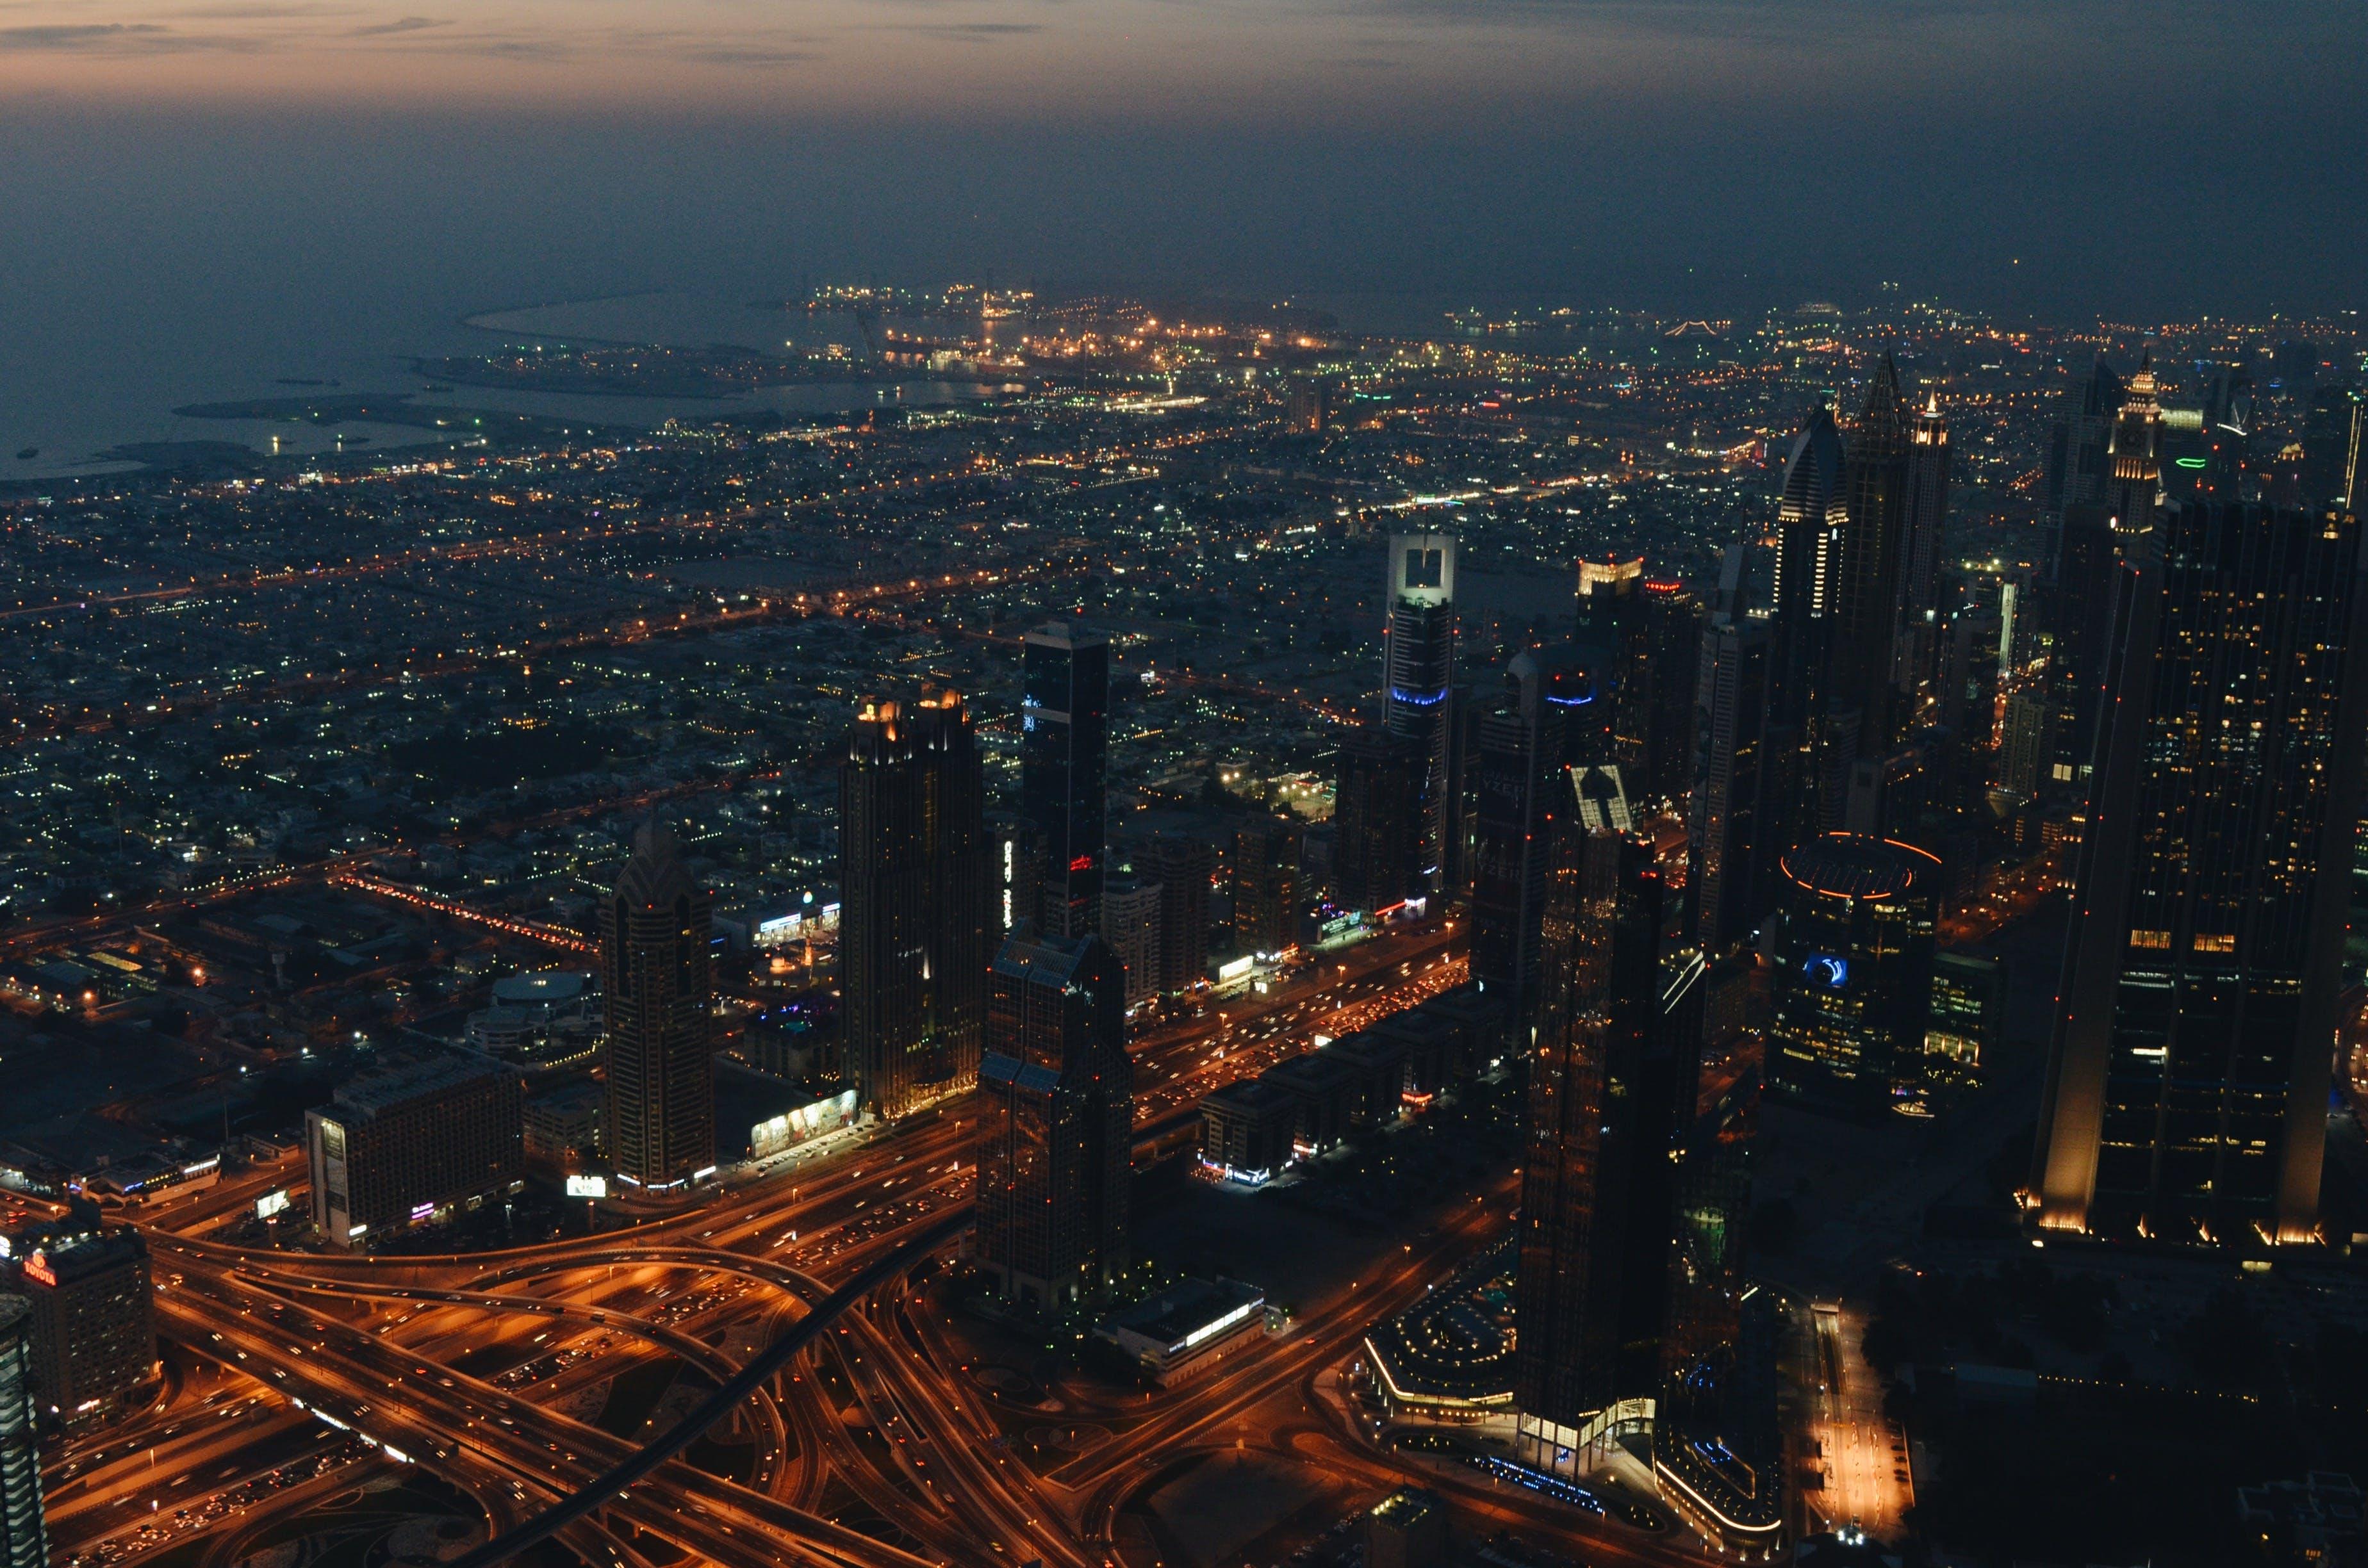 Δωρεάν στοκ φωτογραφιών με Νύχτα, νυχτερινή ζωή, ουρανοξύστες, ουρανοξύστης